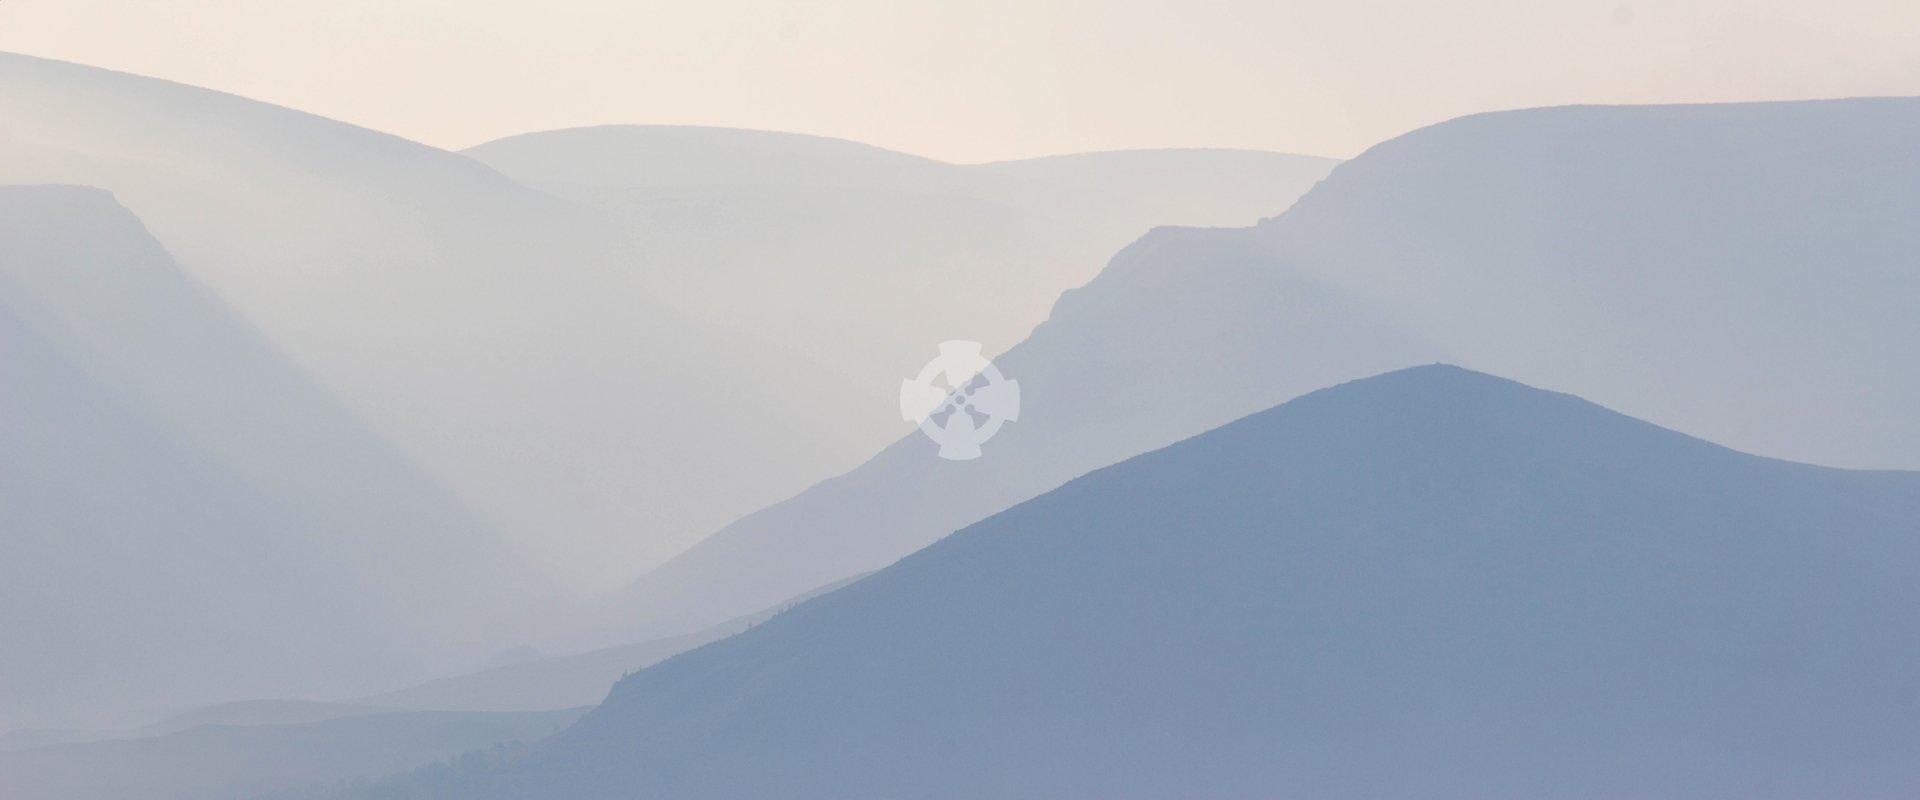 strathspey cairngorms landscape september morning